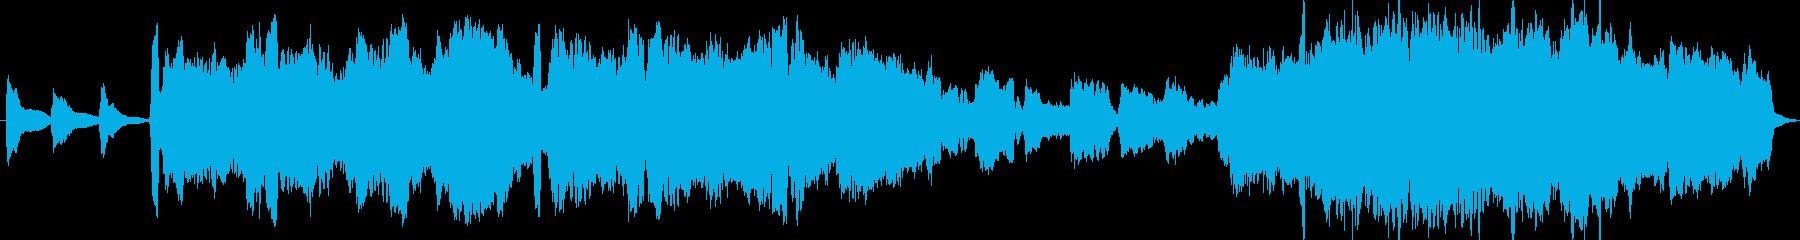 哀愁のある切ないバラードBGMの再生済みの波形